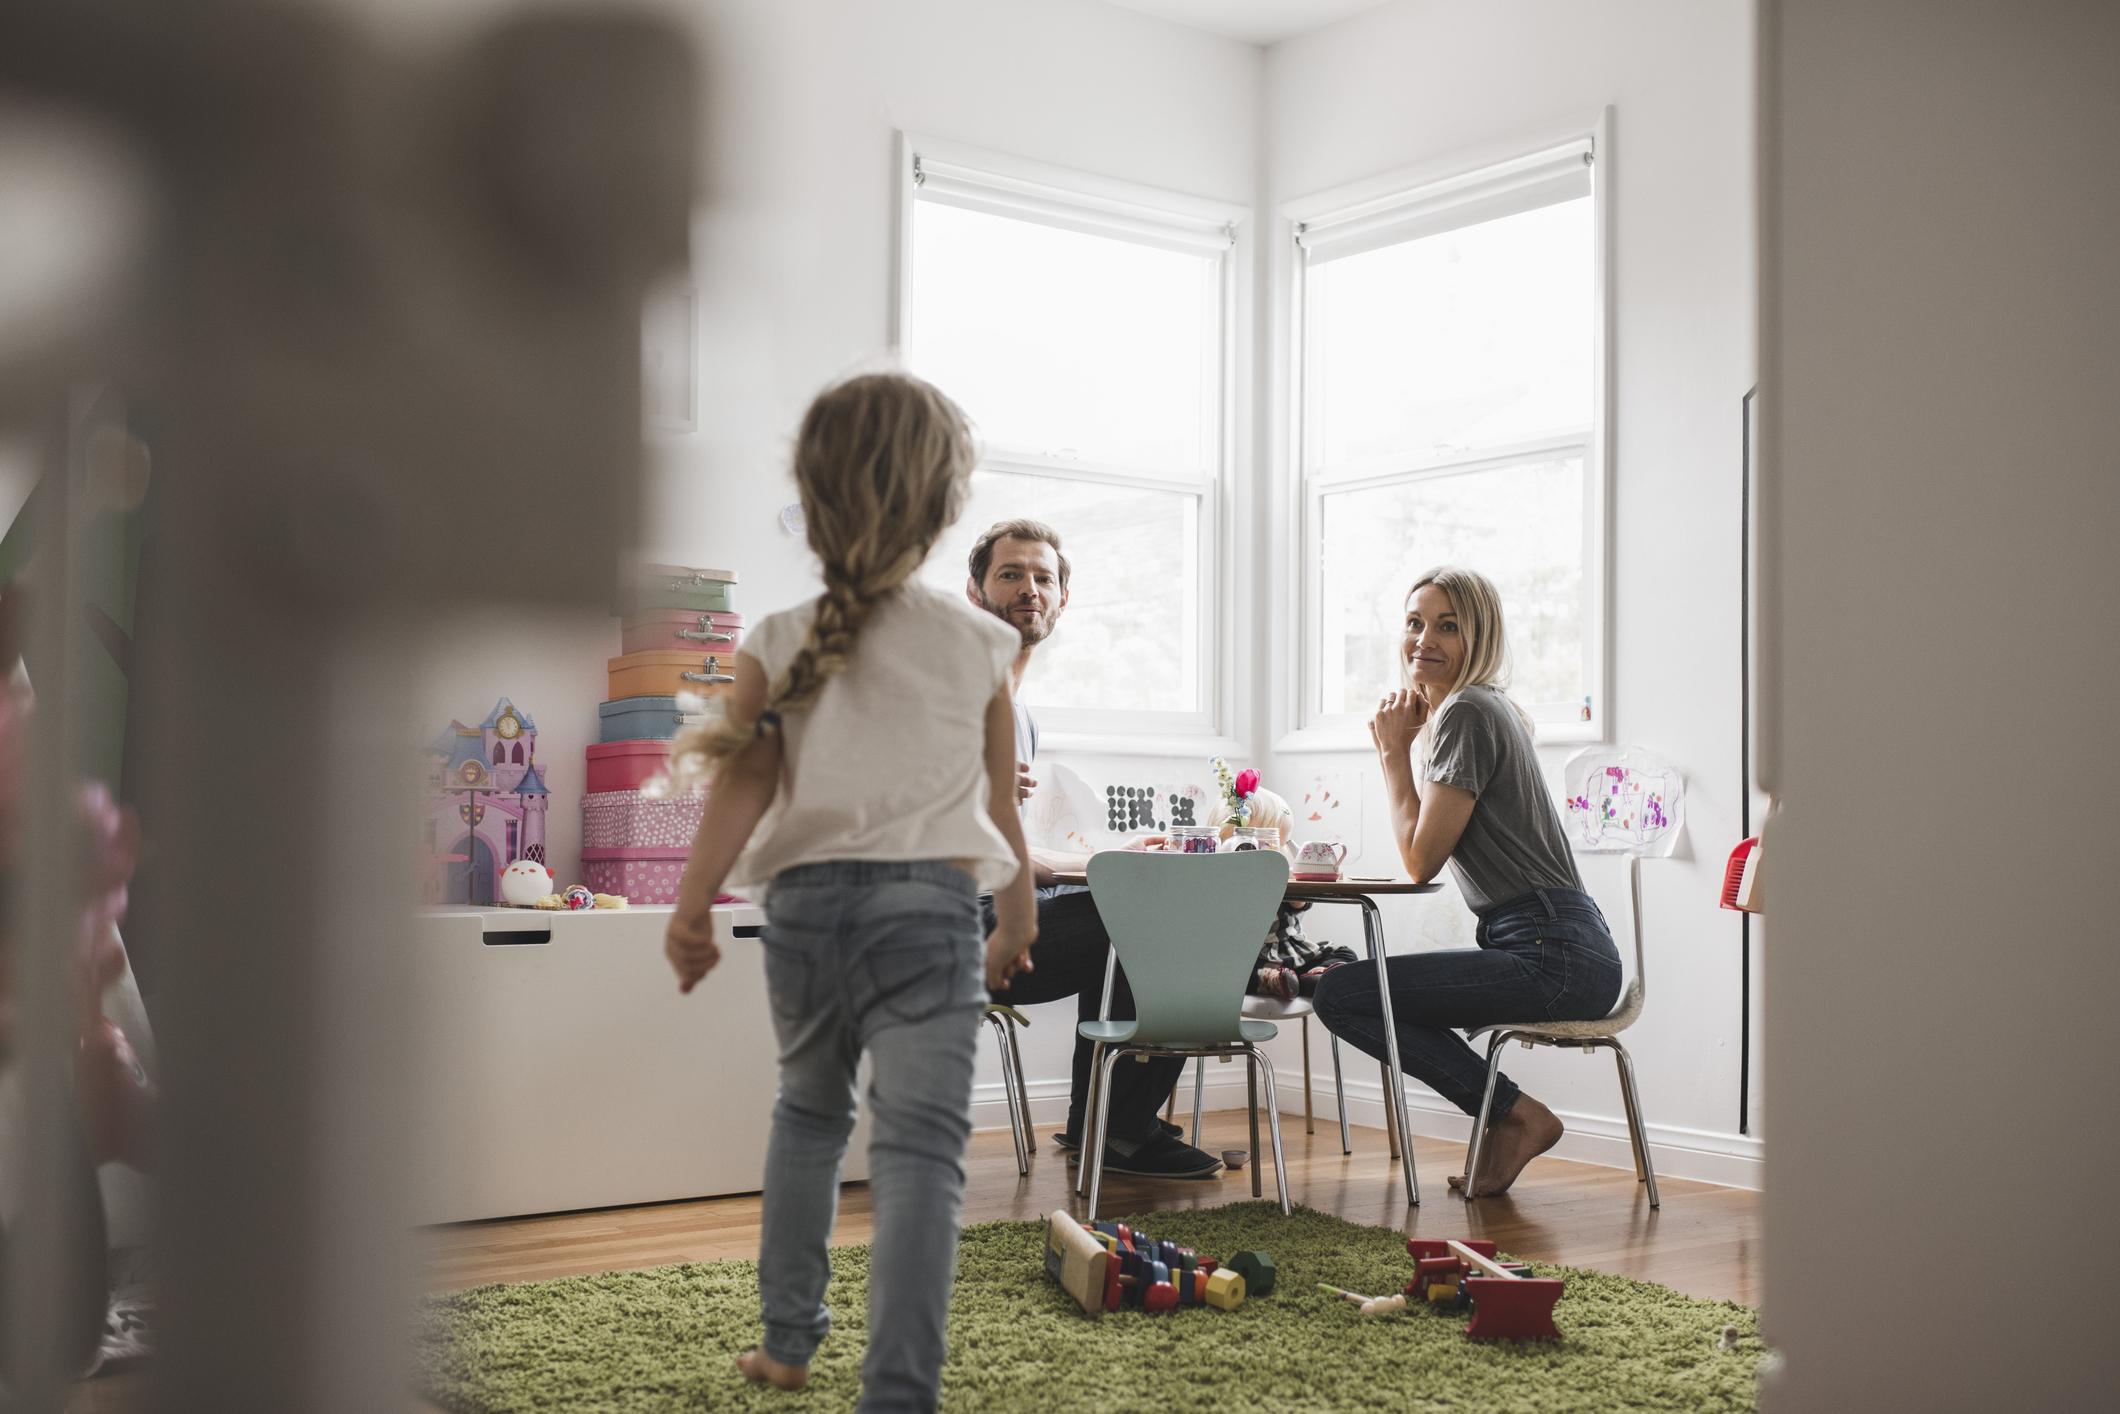 A kevesebb néha több! 5 ok, amiért jobb kisebb lakásban élni